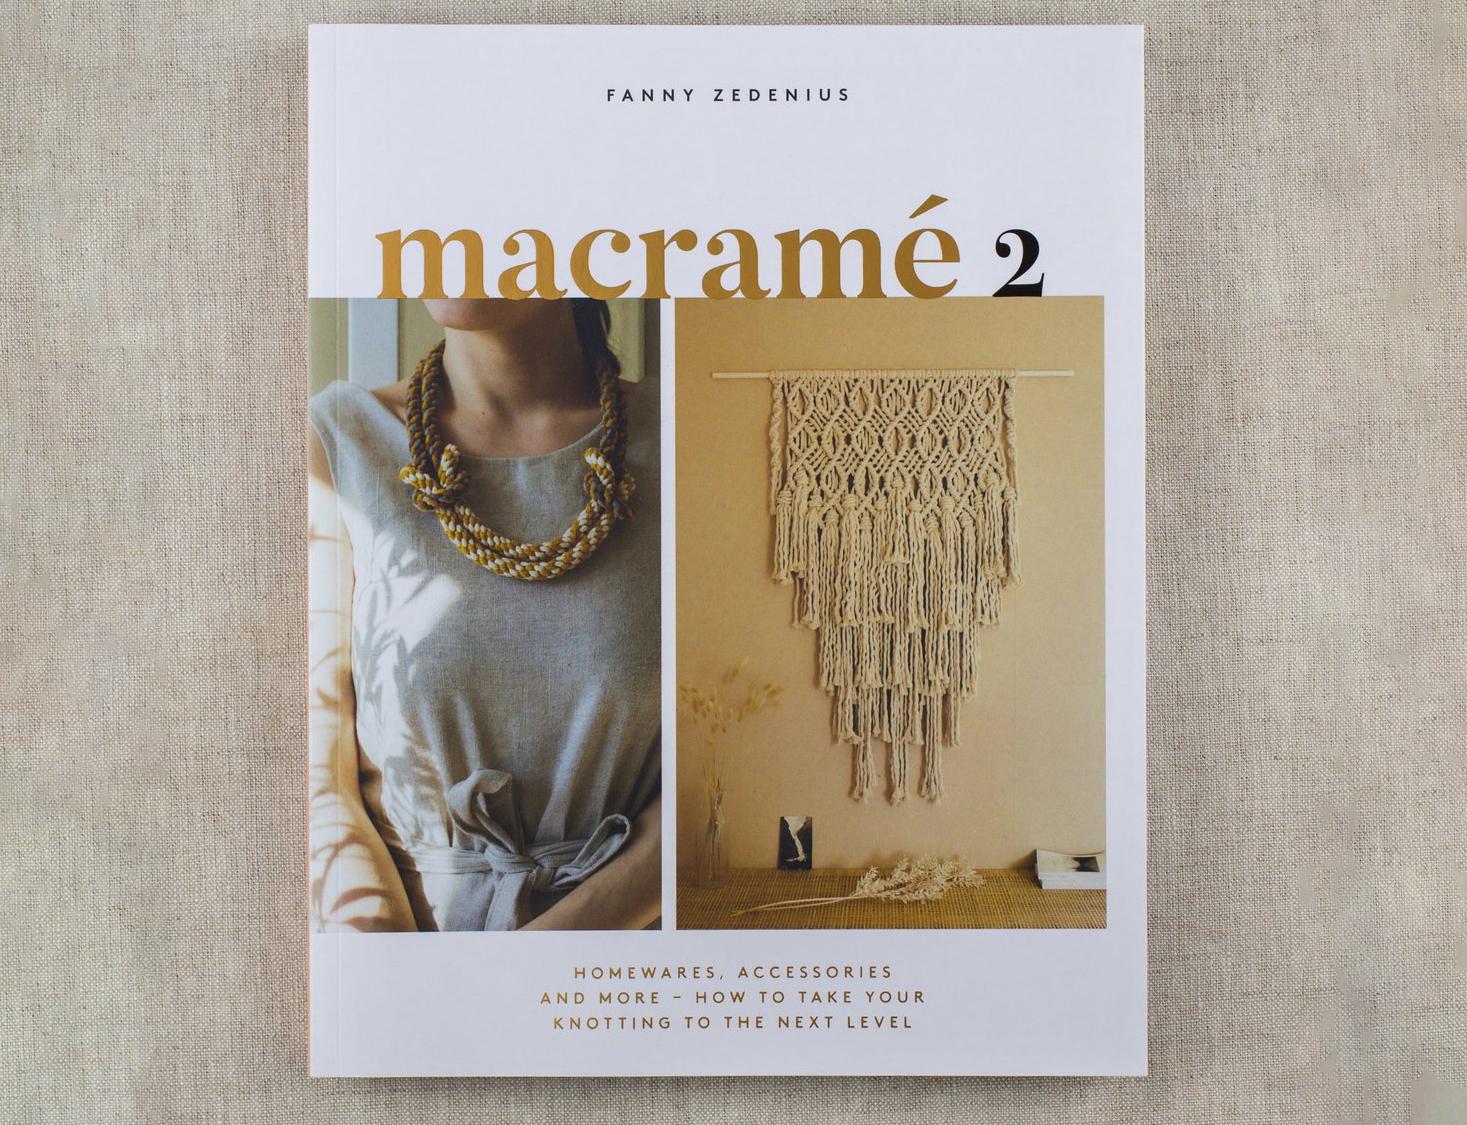 Macrame 2 Fanny Zedenius KOEL Magazine Macrame Books